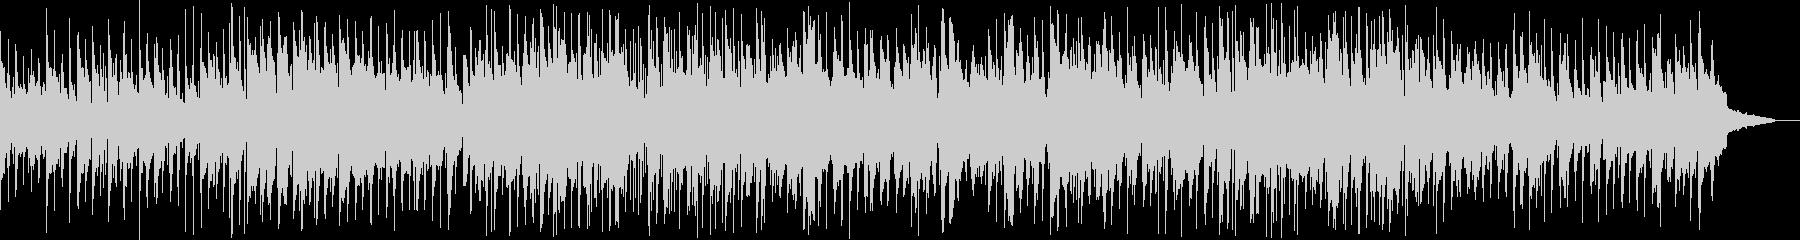 ほのぼのと落ち着いて演奏するバラードの未再生の波形